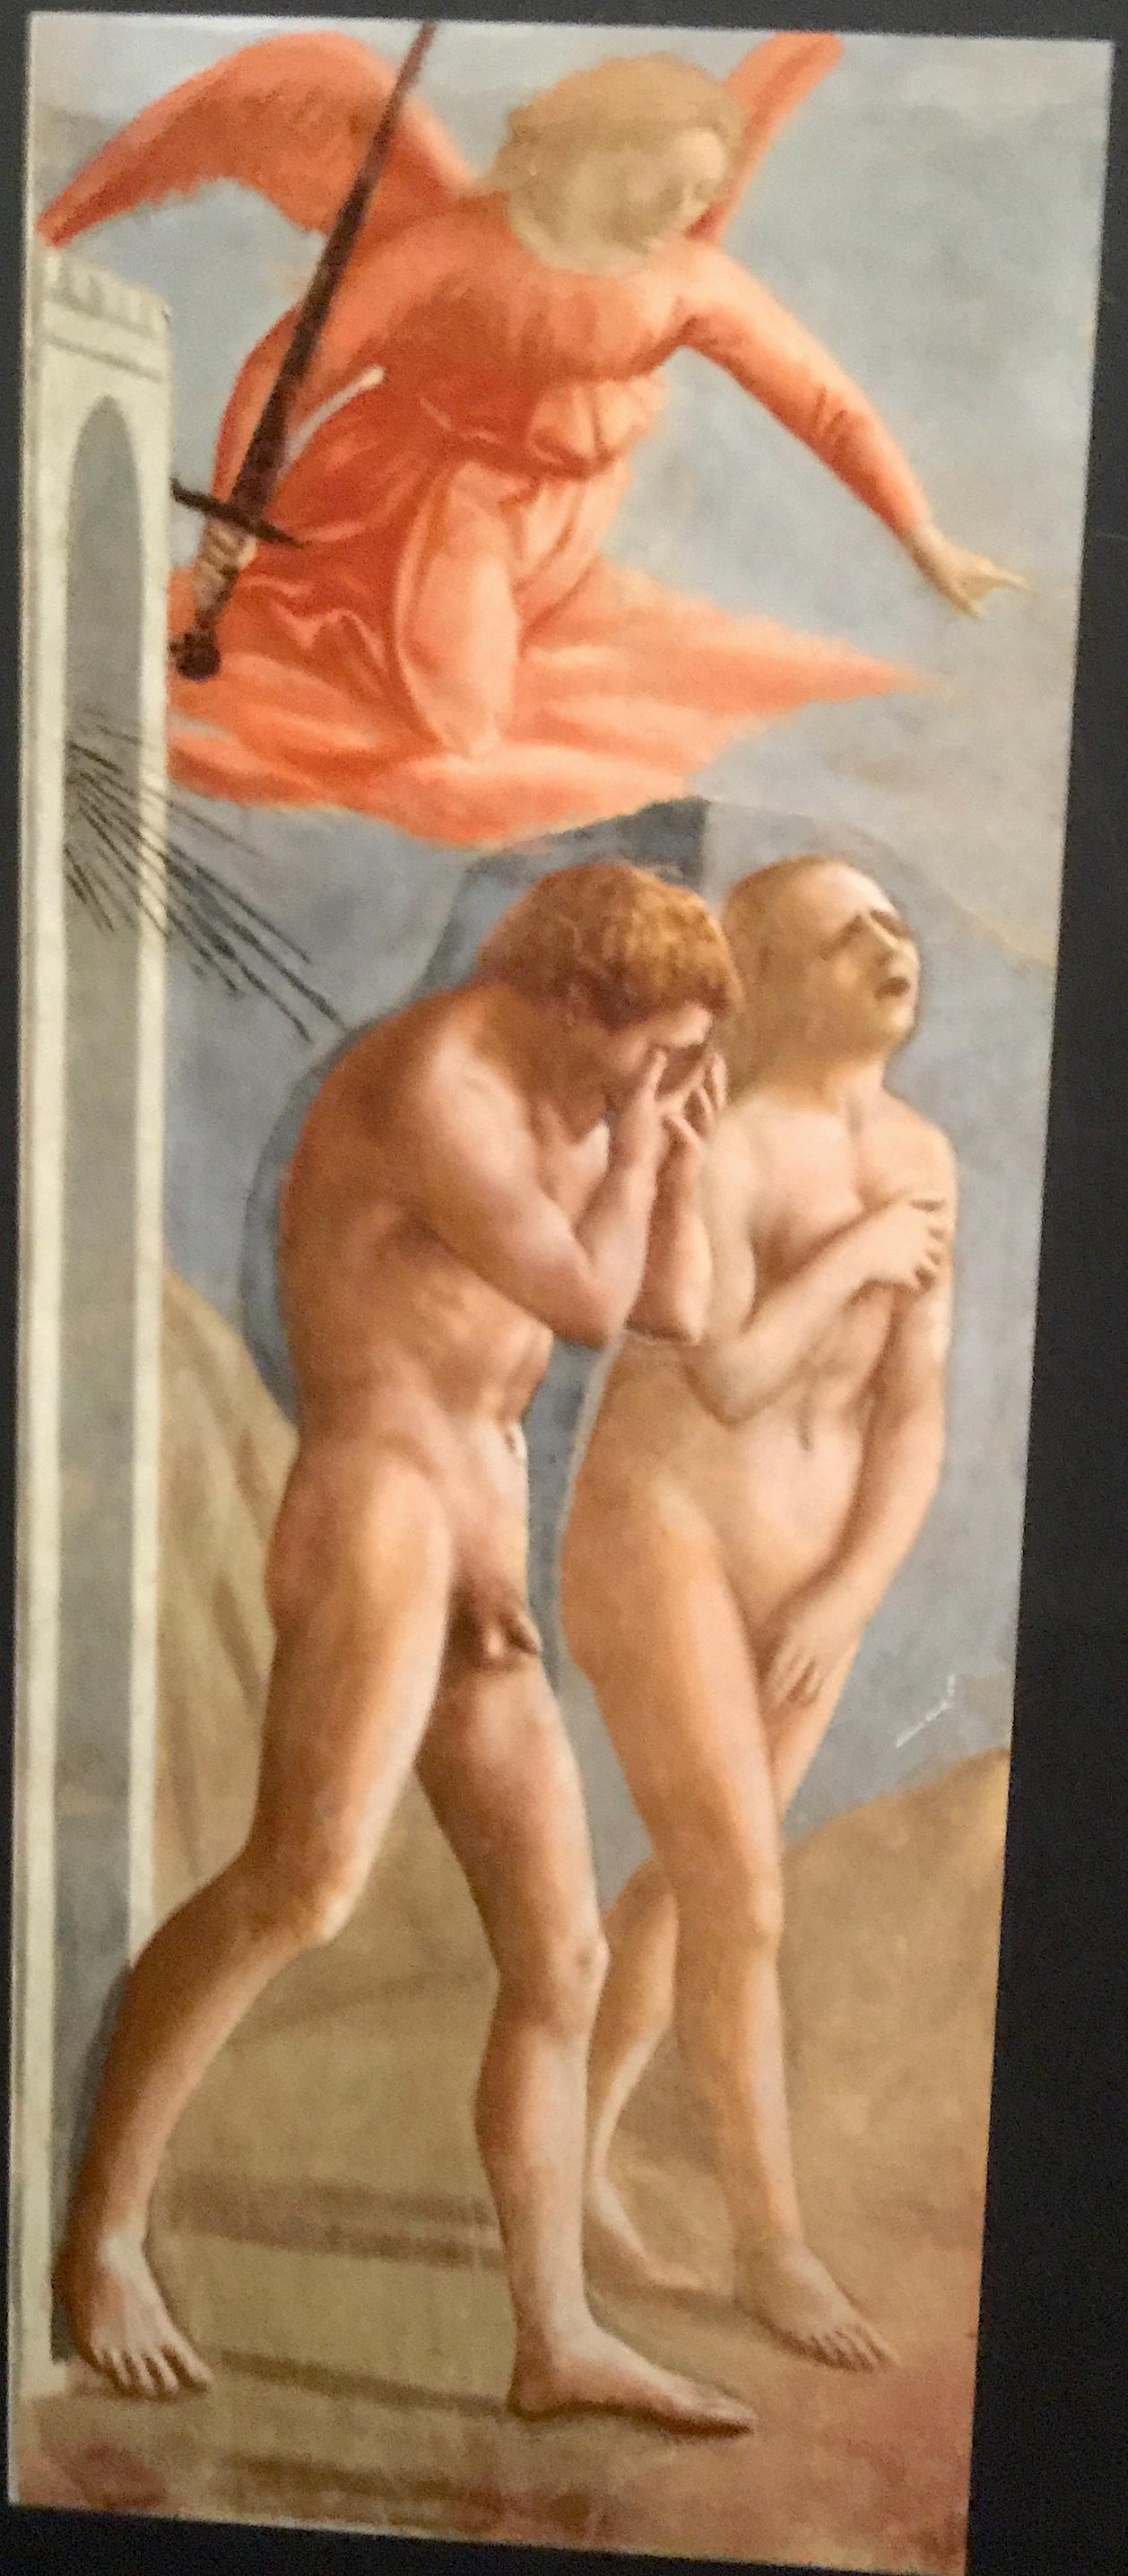 馬薩其奧 ﹝Masaccio﹞﹝l401 ~ 1428﹞濕壁畫「 亞當被逐出伊甸園 」。布蘭卡契禮拜堂,佛羅倫斯﹝Florence﹞,義大利